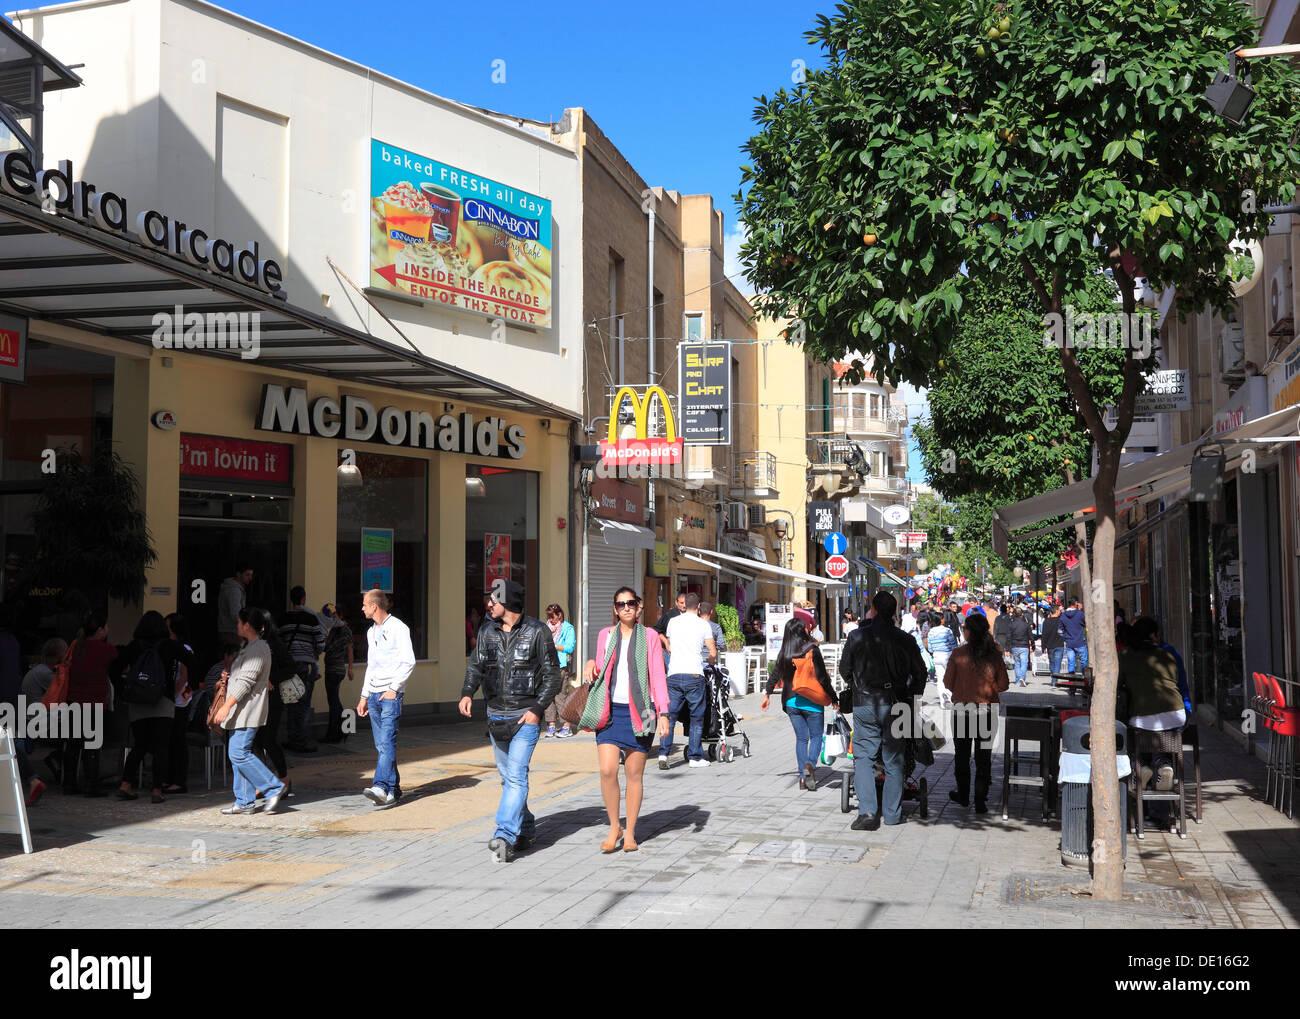 Cyprus, Nicosia, Lefkosia, old town, pedestrian shopping street, Ledras Street - Stock Image